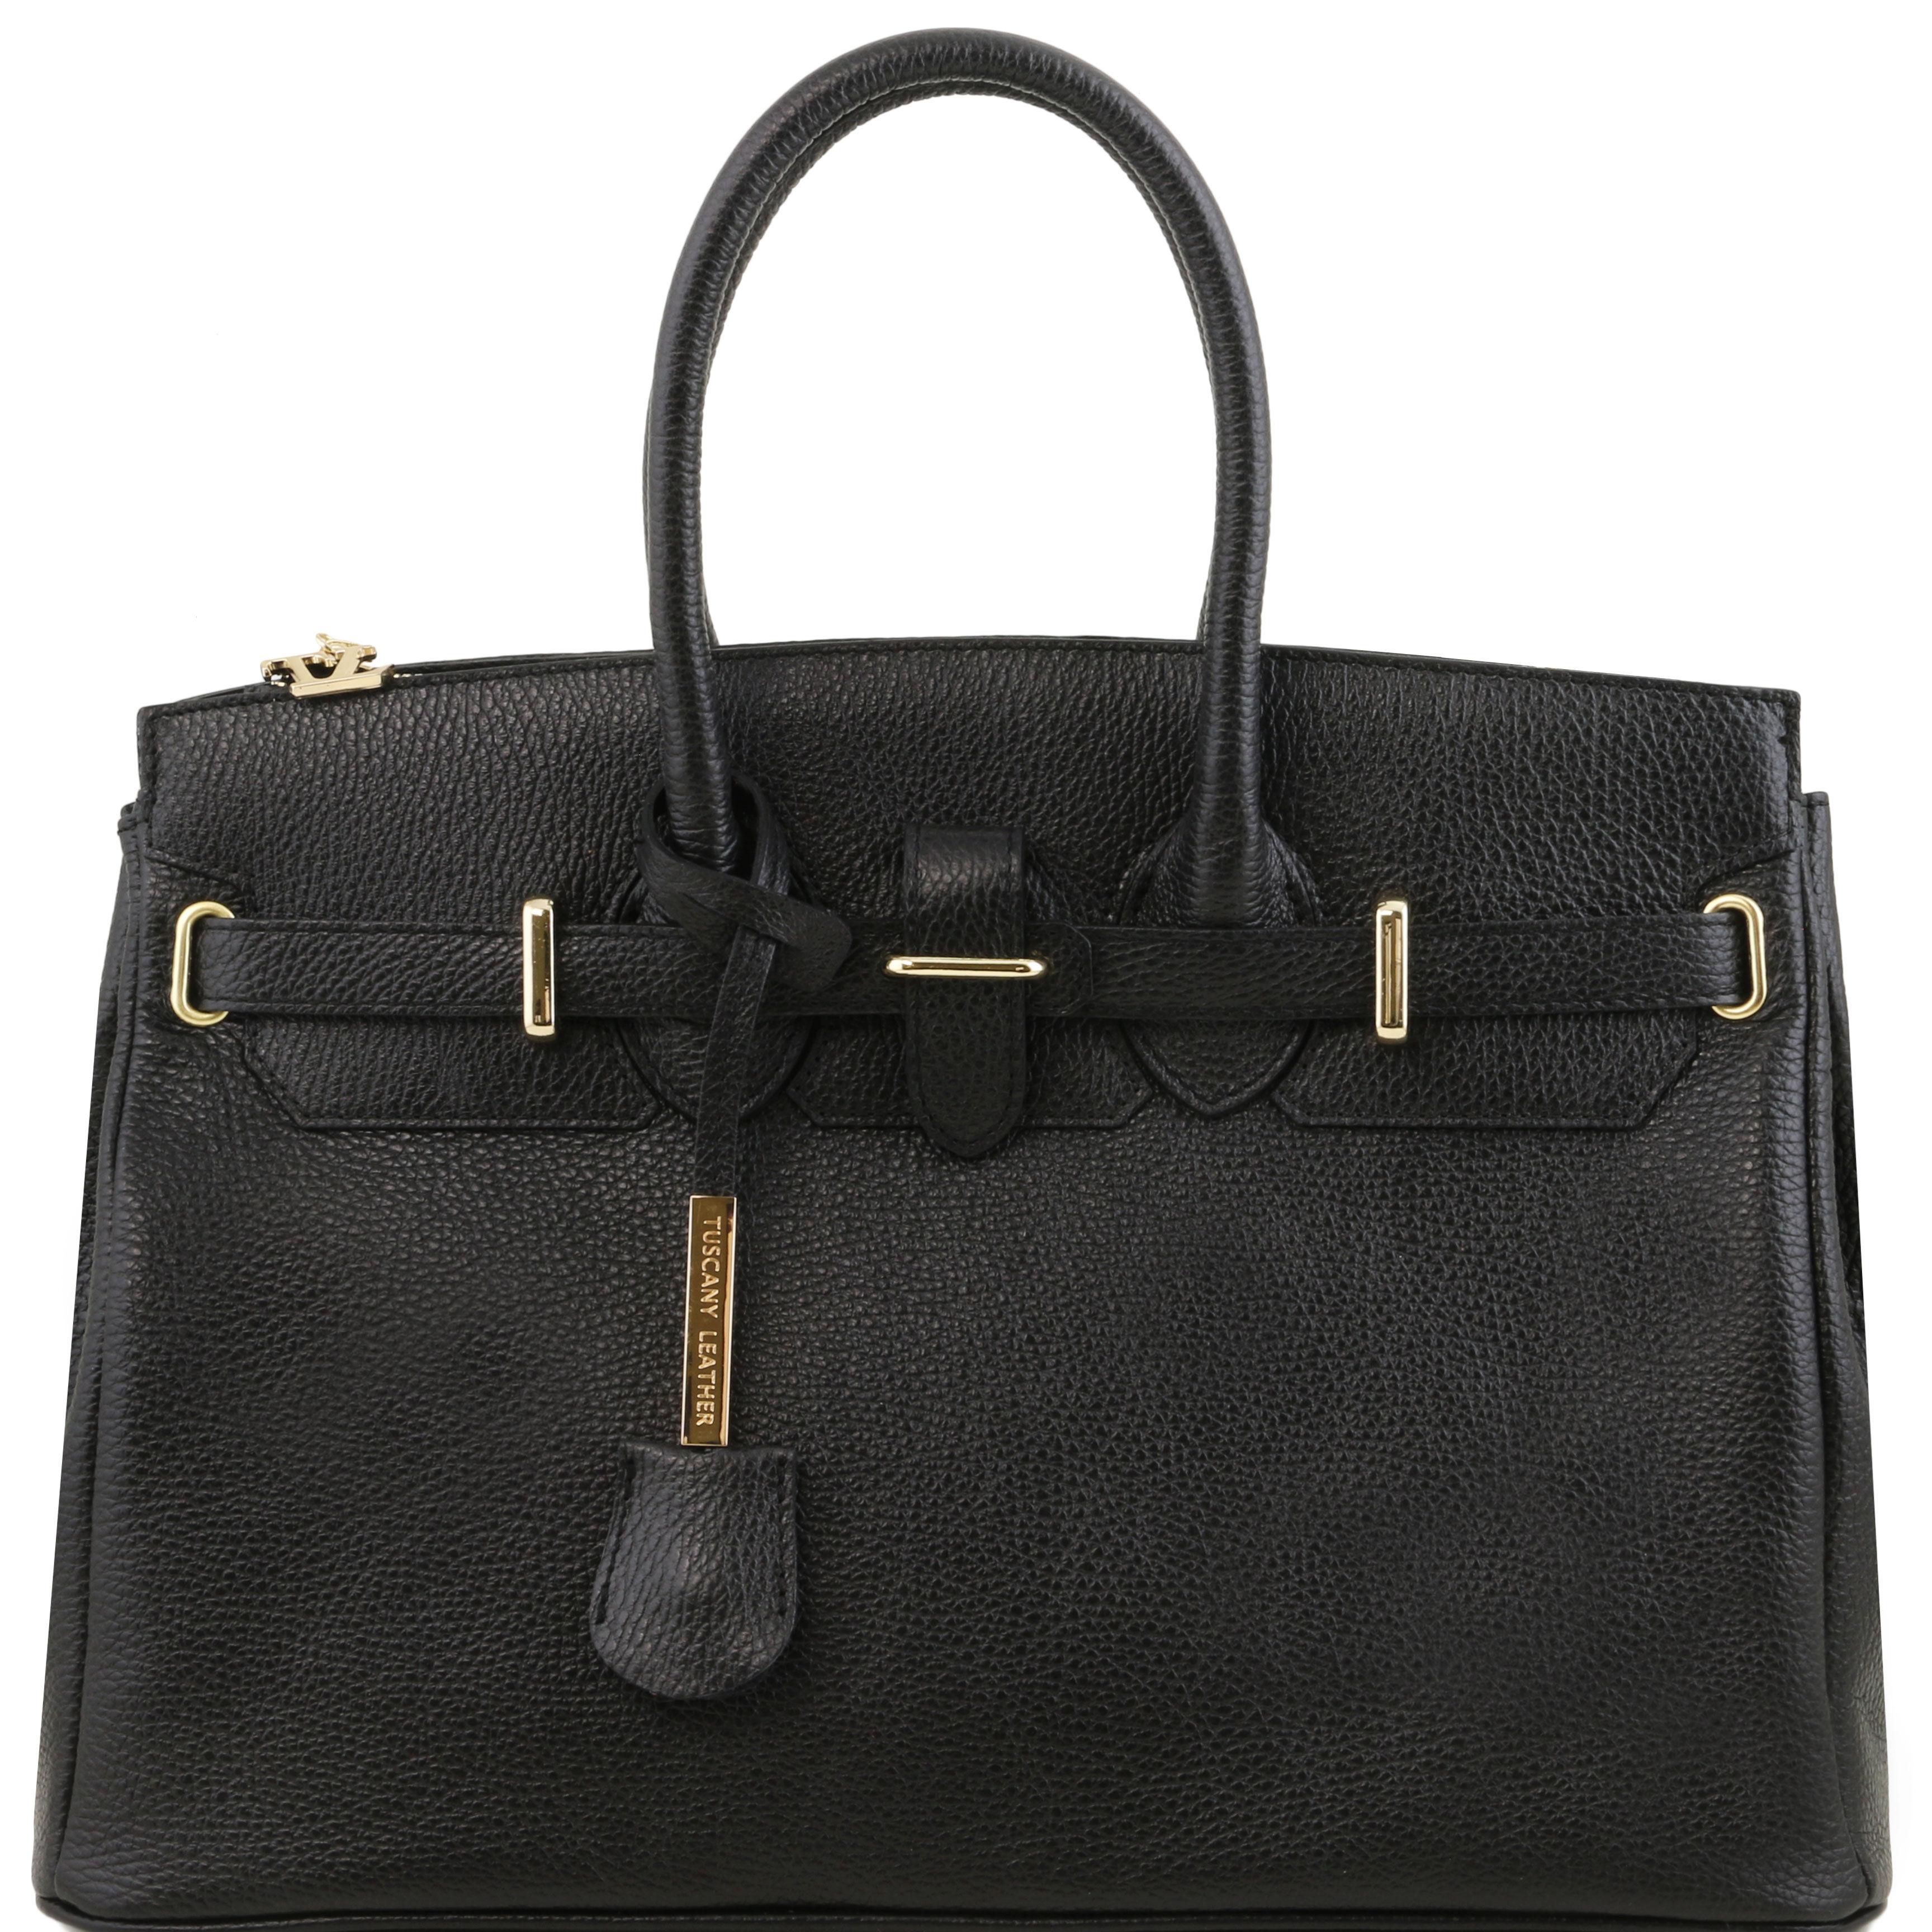 TL Bag - Geanta din piele neagra cu elemente metalice